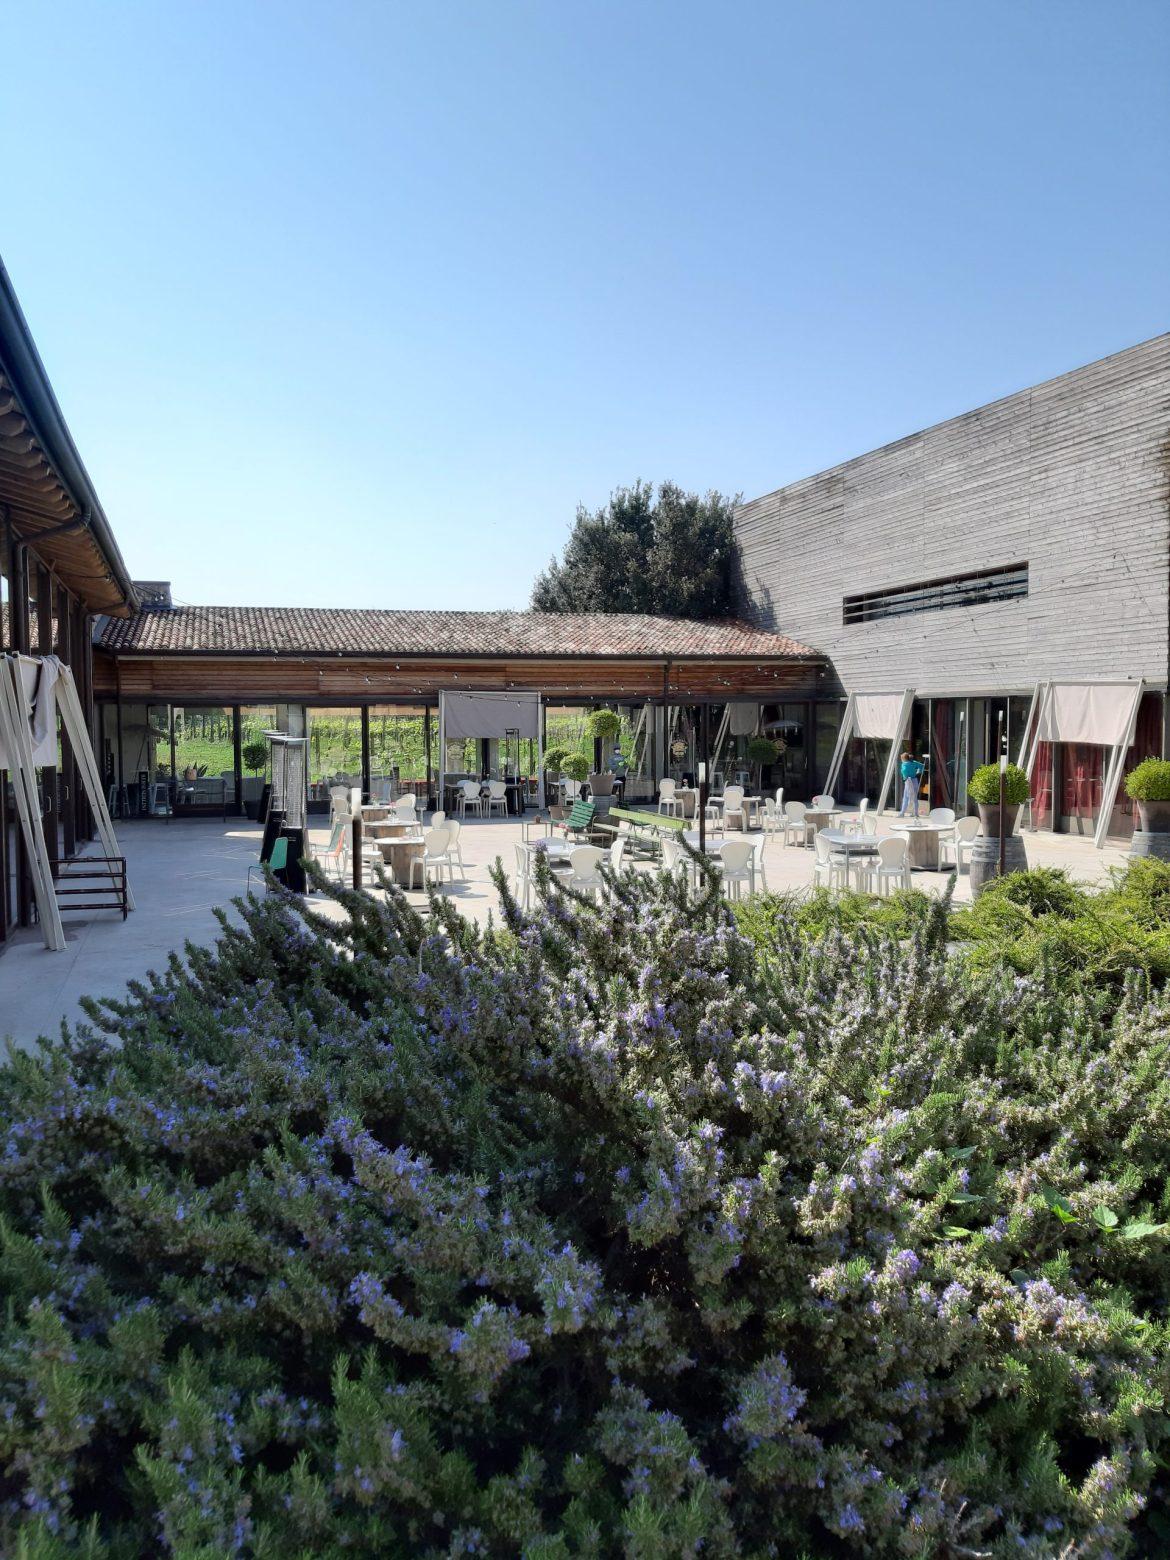 Jardim da vinícola para degustação de vinhos em Franciacorta